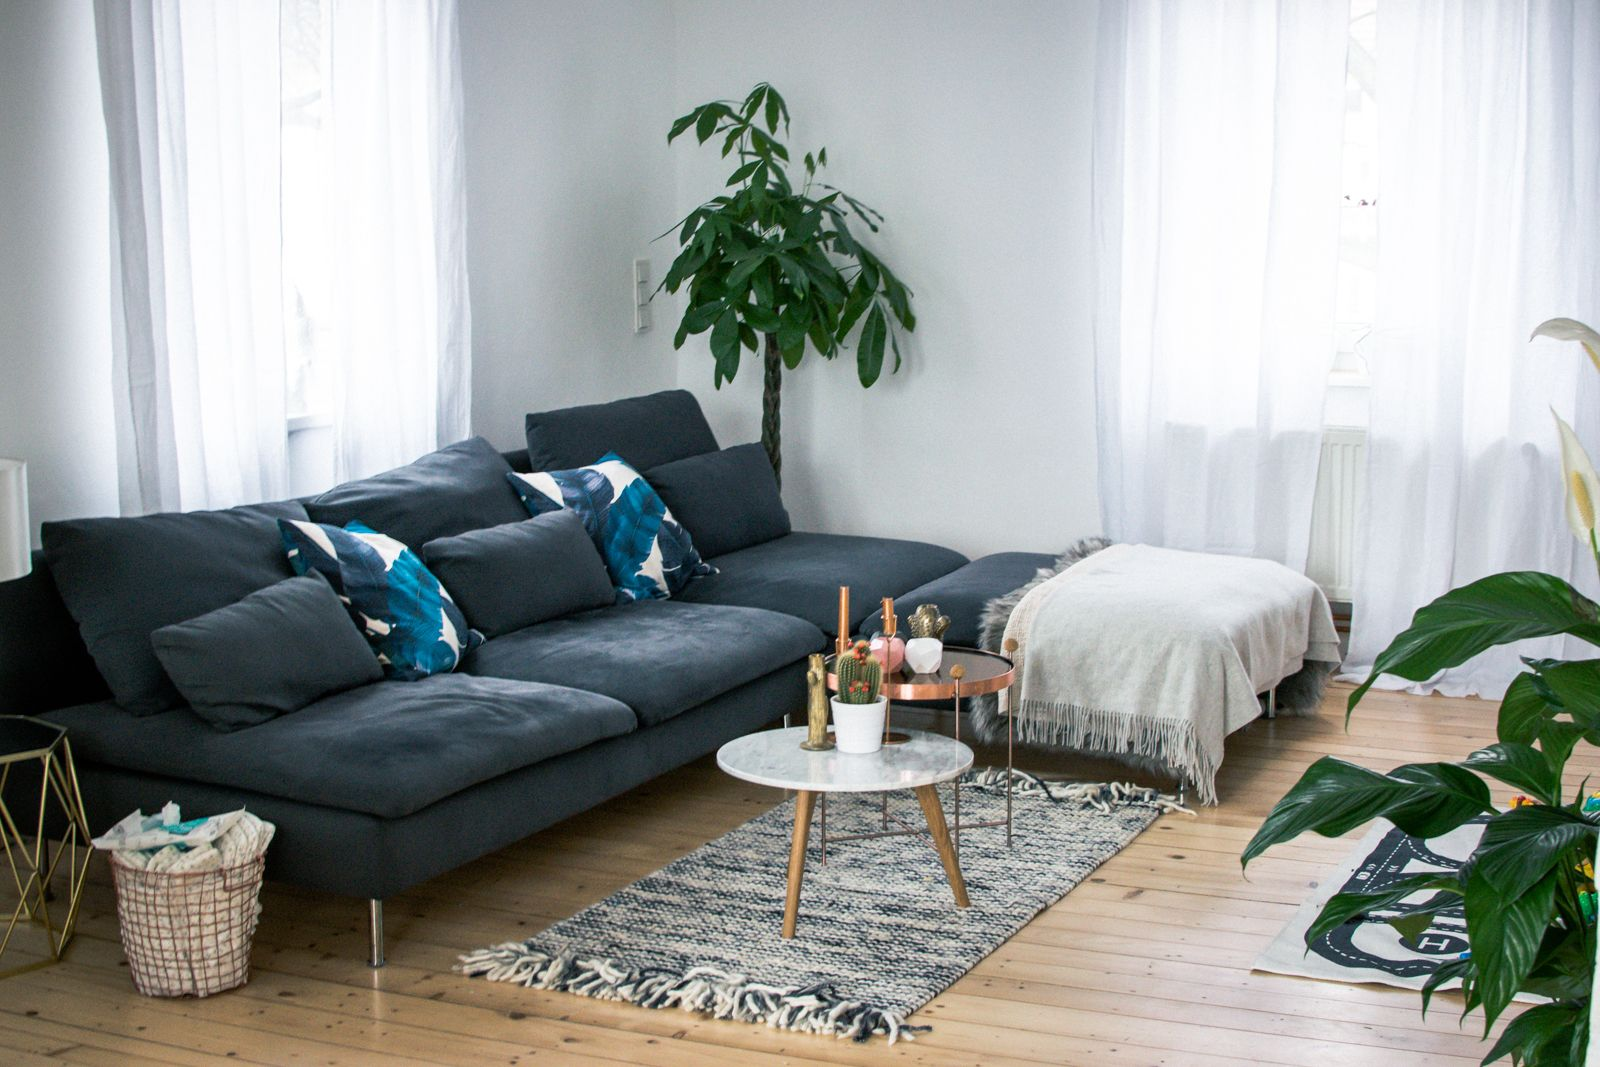 bilder ohne bohren wohnzimmer erste wohnung und. Black Bedroom Furniture Sets. Home Design Ideas